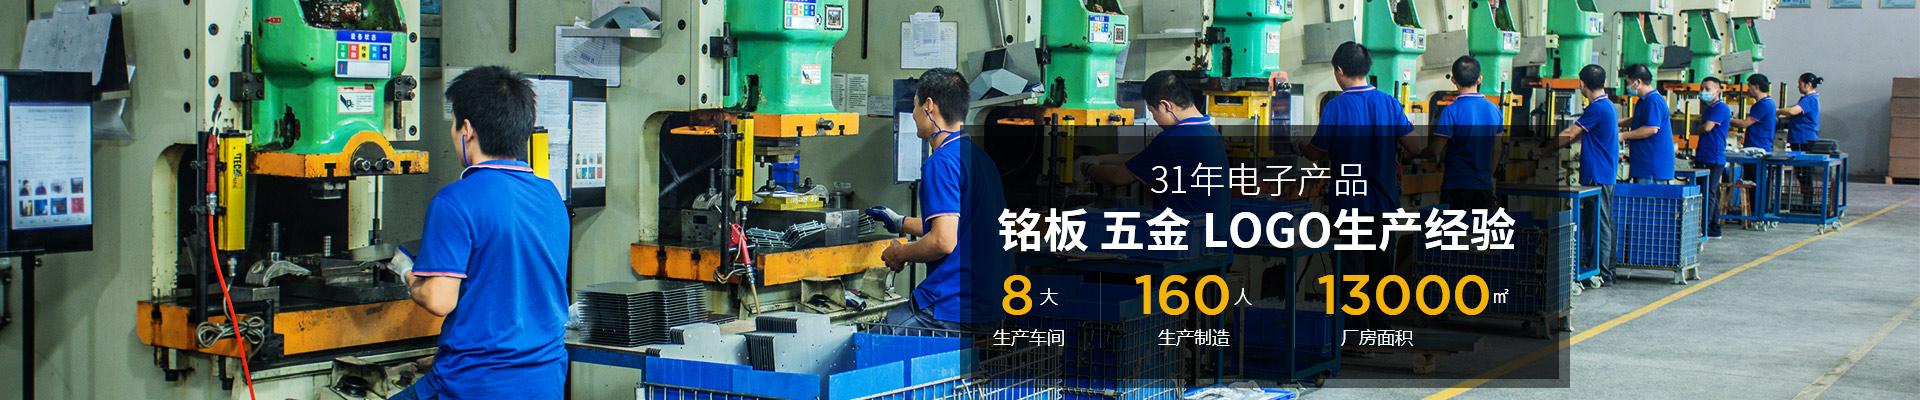 维运-31年电子产品 铭板,五金,LOGO生产经验